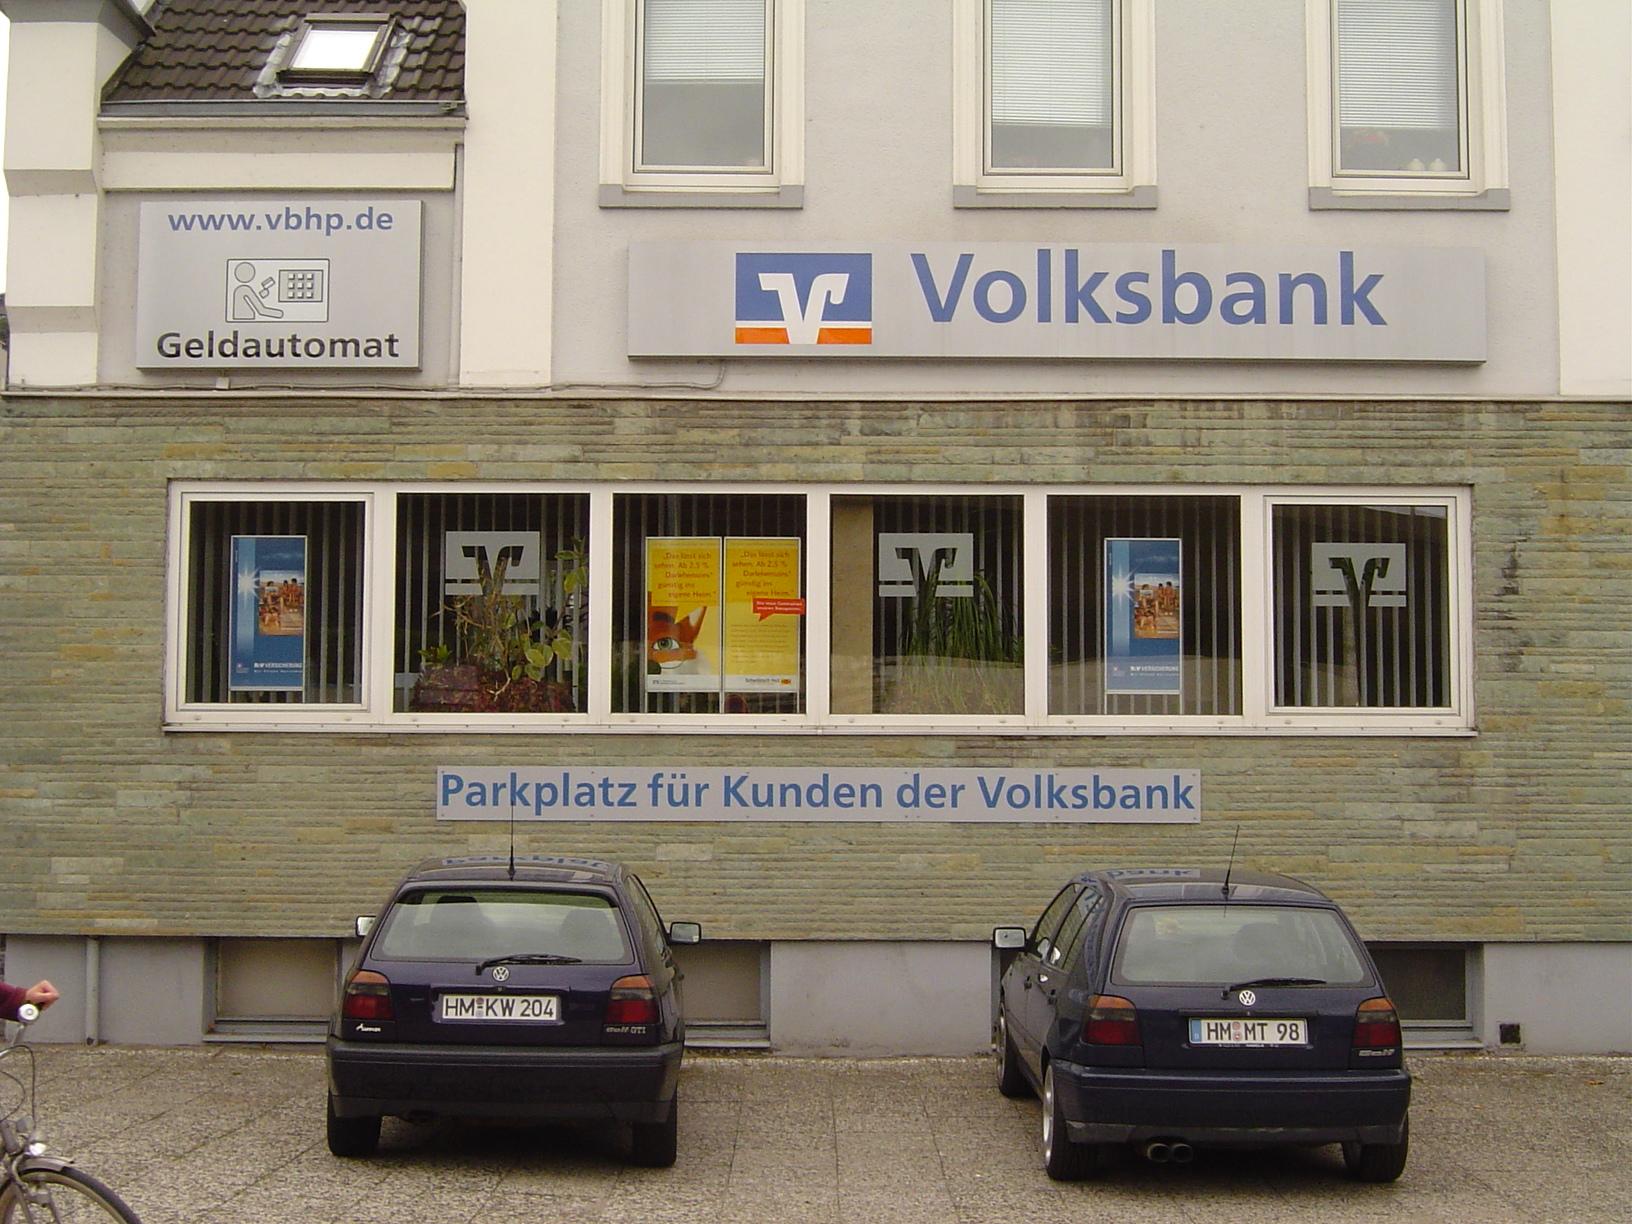 rigoletto facade windows parked cars volksbank bank